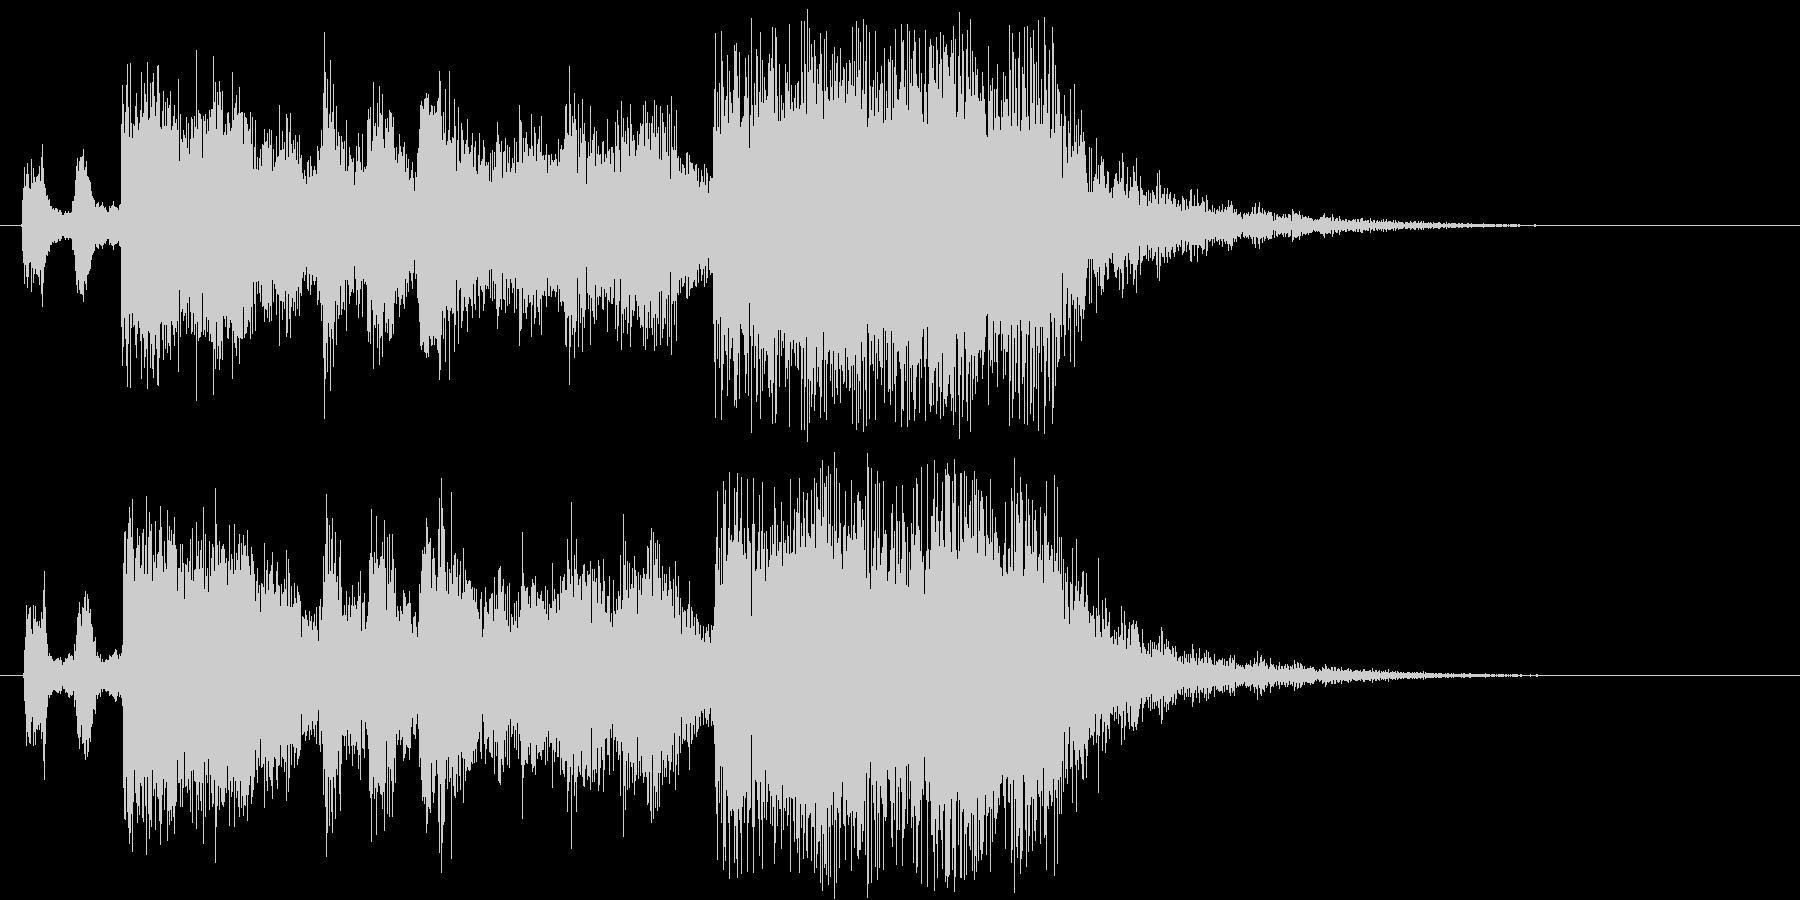 フルオーケストラの豪華なファンファーレの未再生の波形